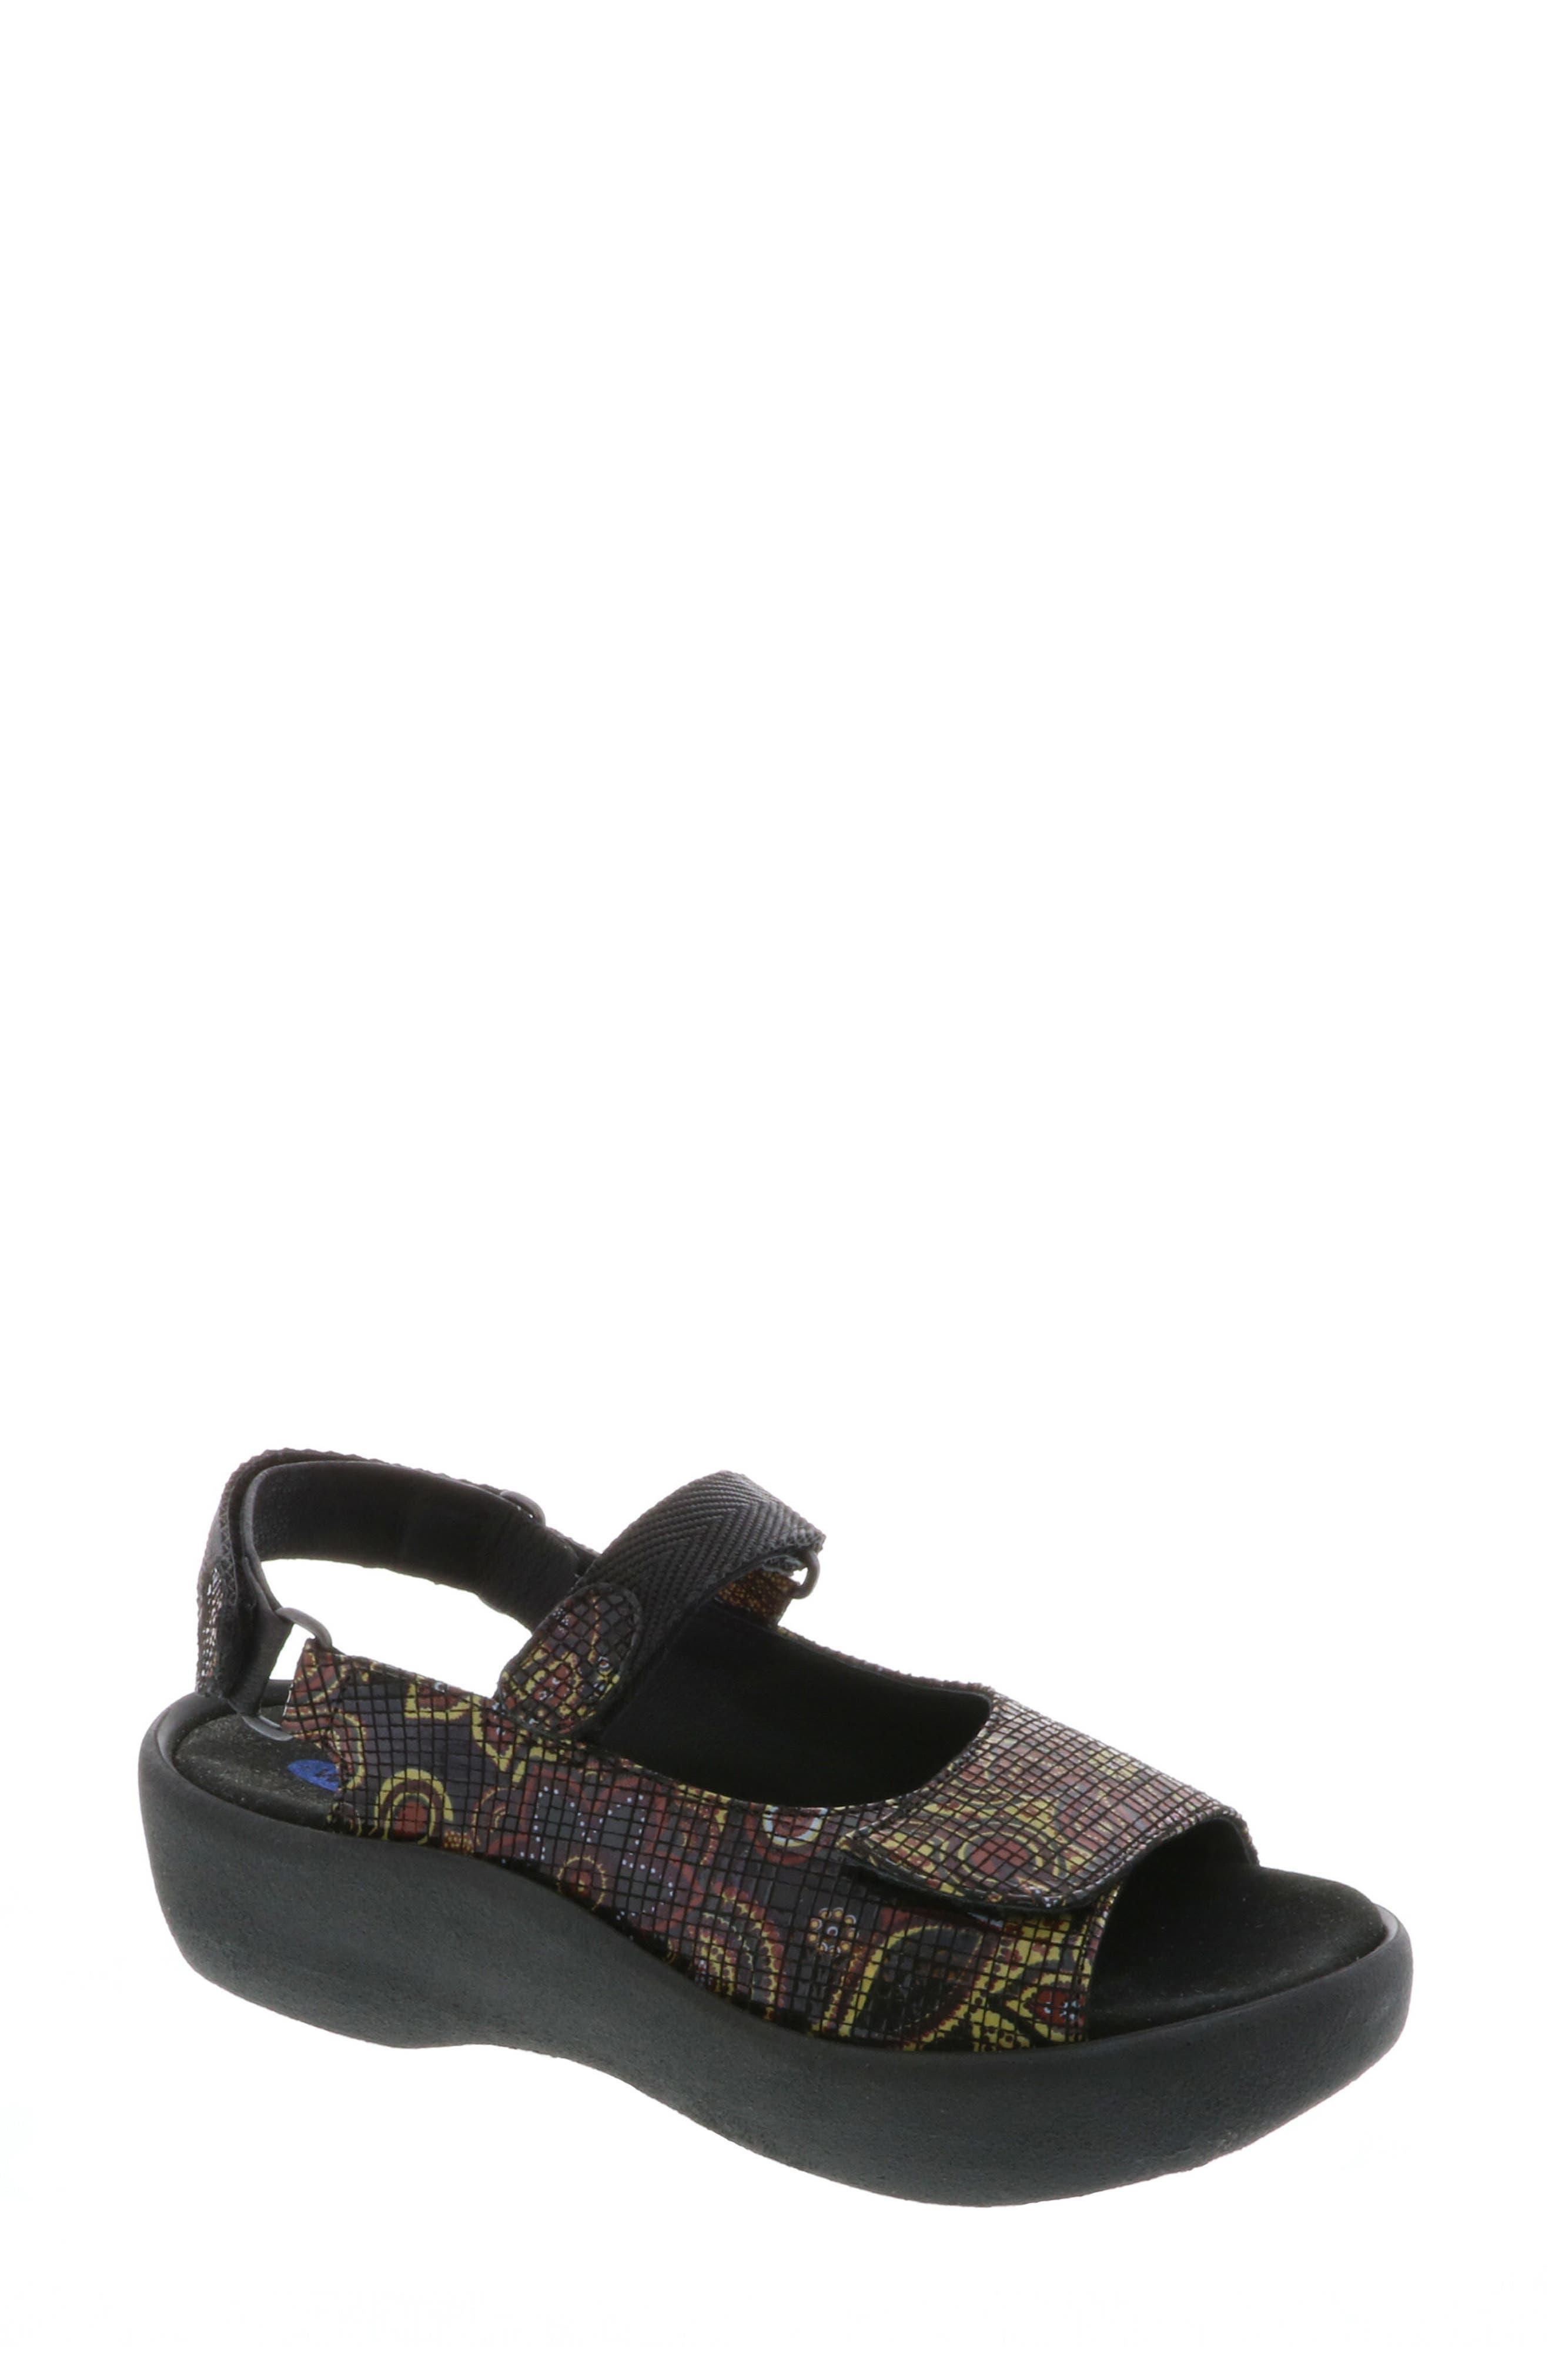 Jewel Sport Sandal,                             Main thumbnail 1, color,                             Black Flower Print